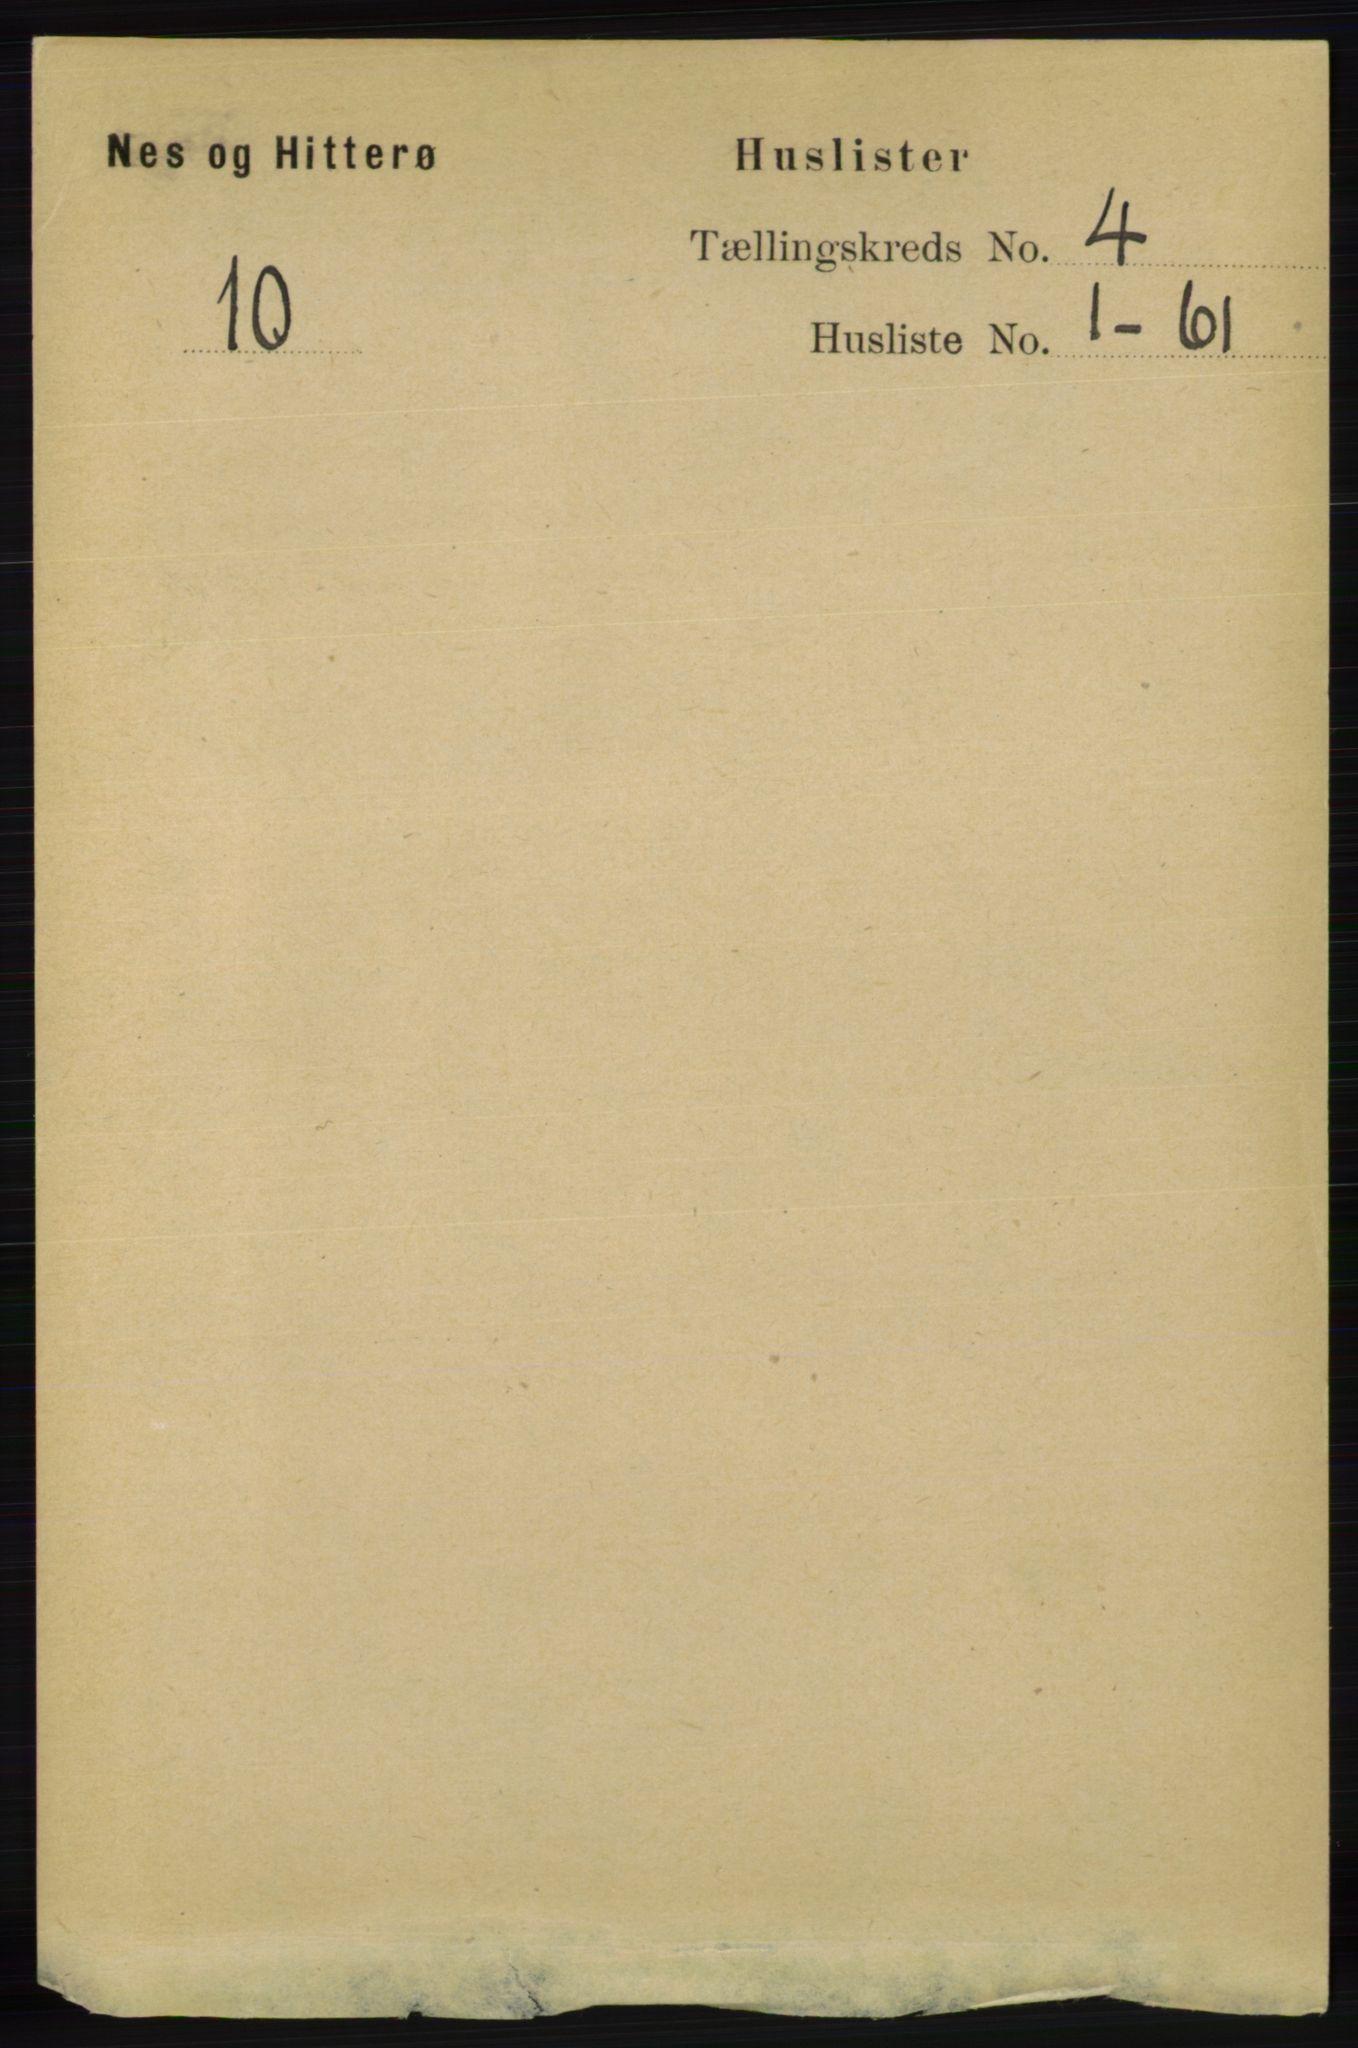 RA, Folketelling 1891 for 1043 Hidra og Nes herred, 1891, s. 1369